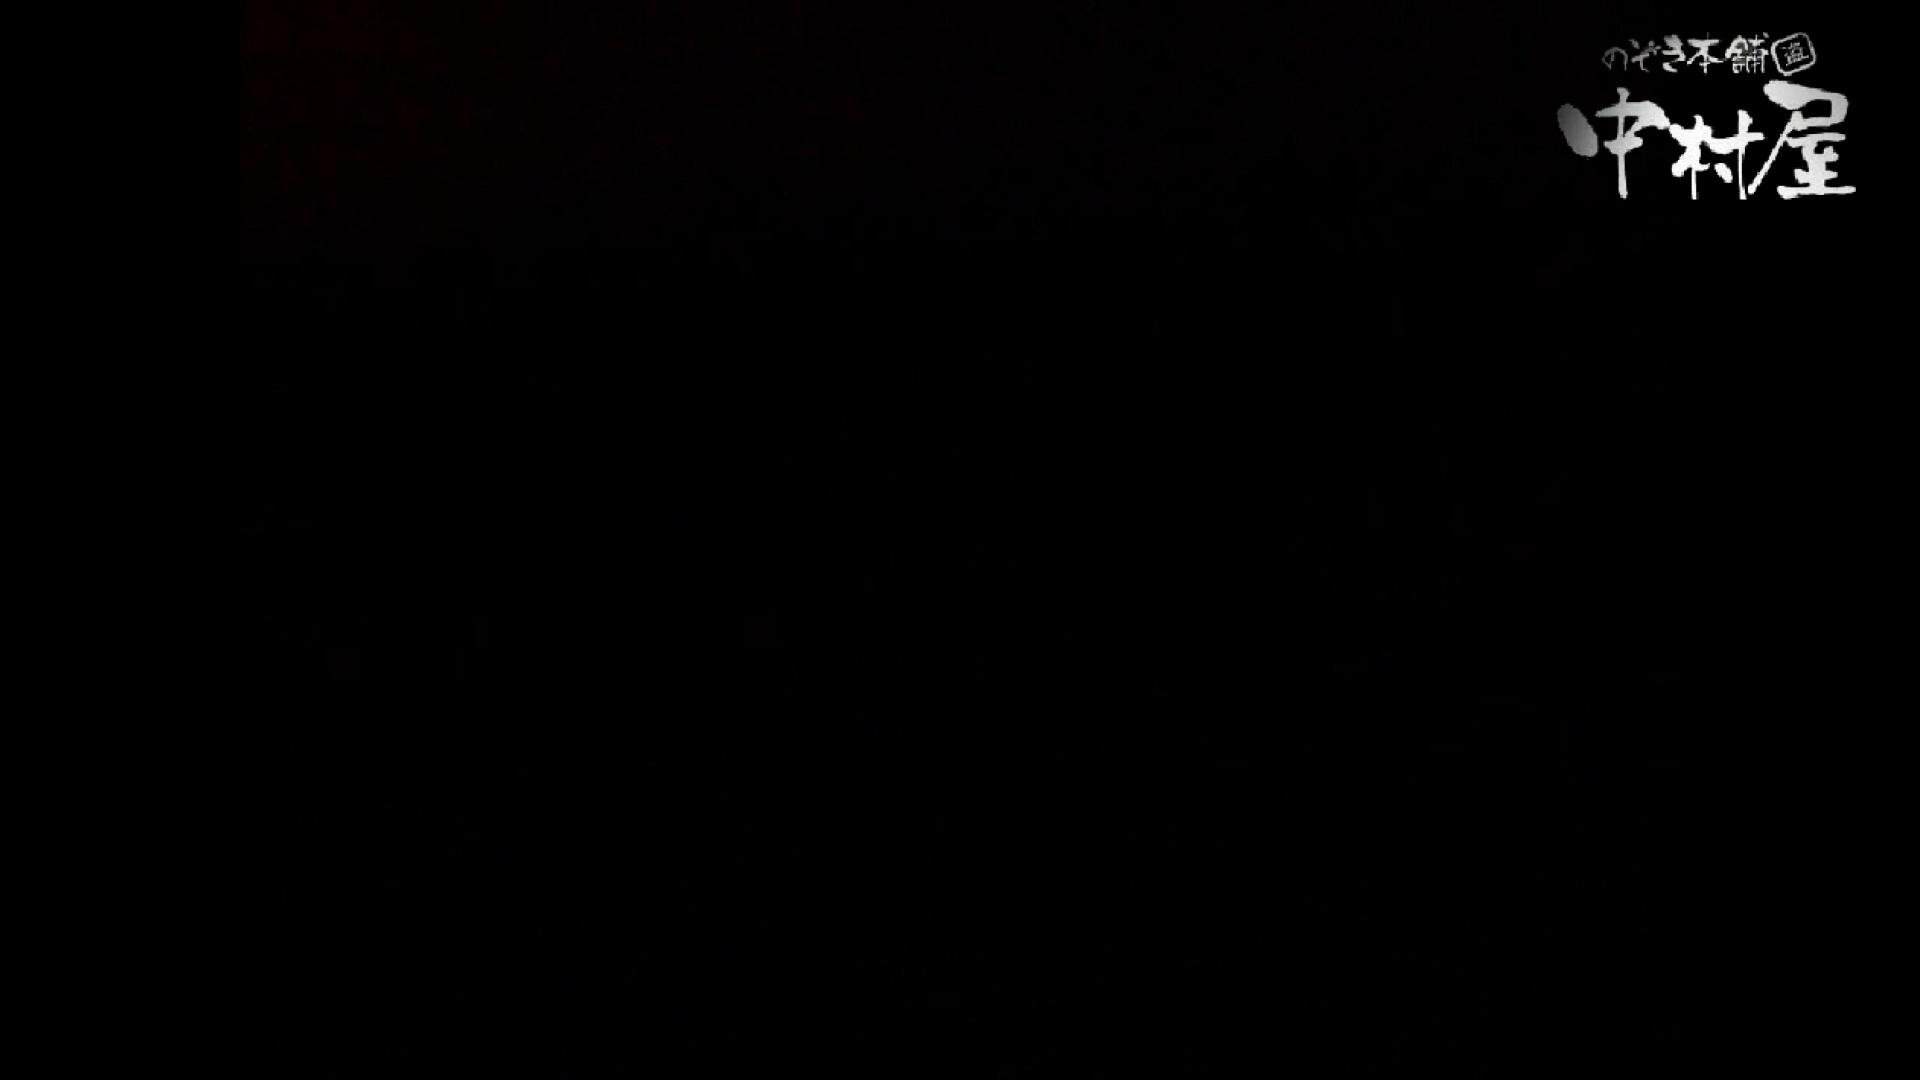 雅さんの独断と偏見で集めた動画集 民家Vol.4 ギャルのエロ動画 SEX無修正画像 111PIX 62